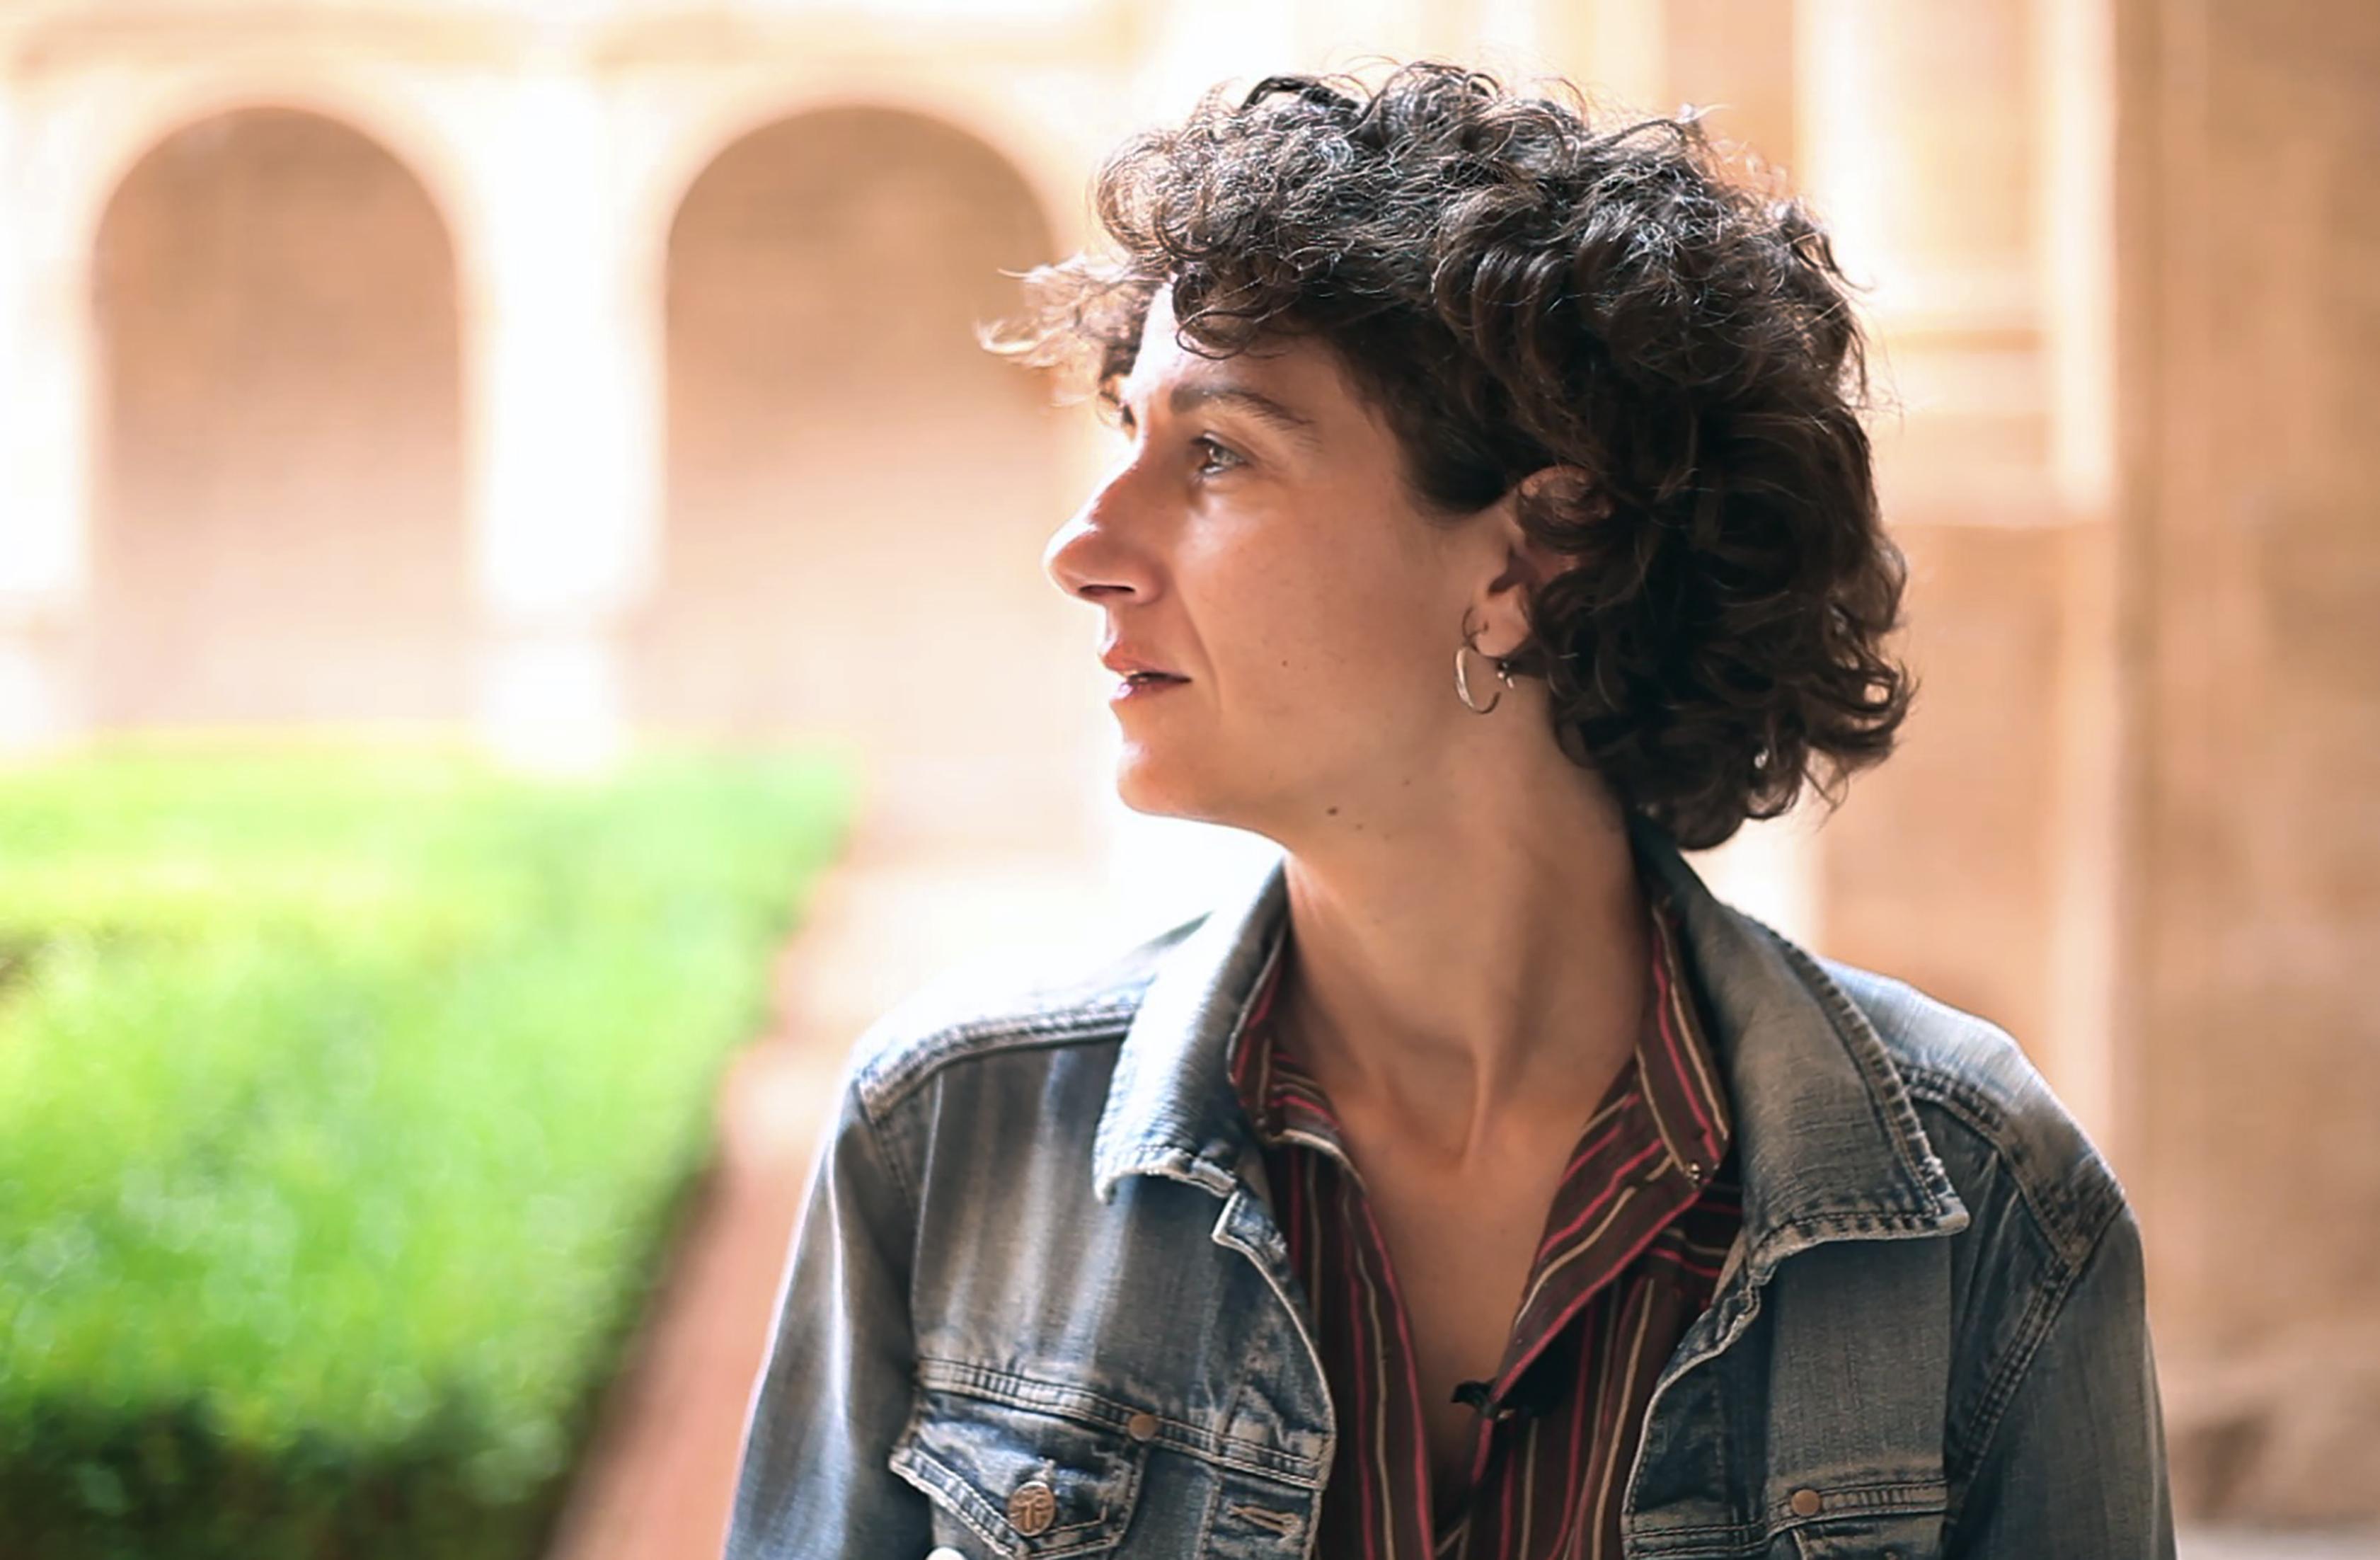 Entrevista amb Marina Garcés [a propòsit d'Avivament2018], per Majo Ciscar | EldiarioCV.es, 7.6.2018